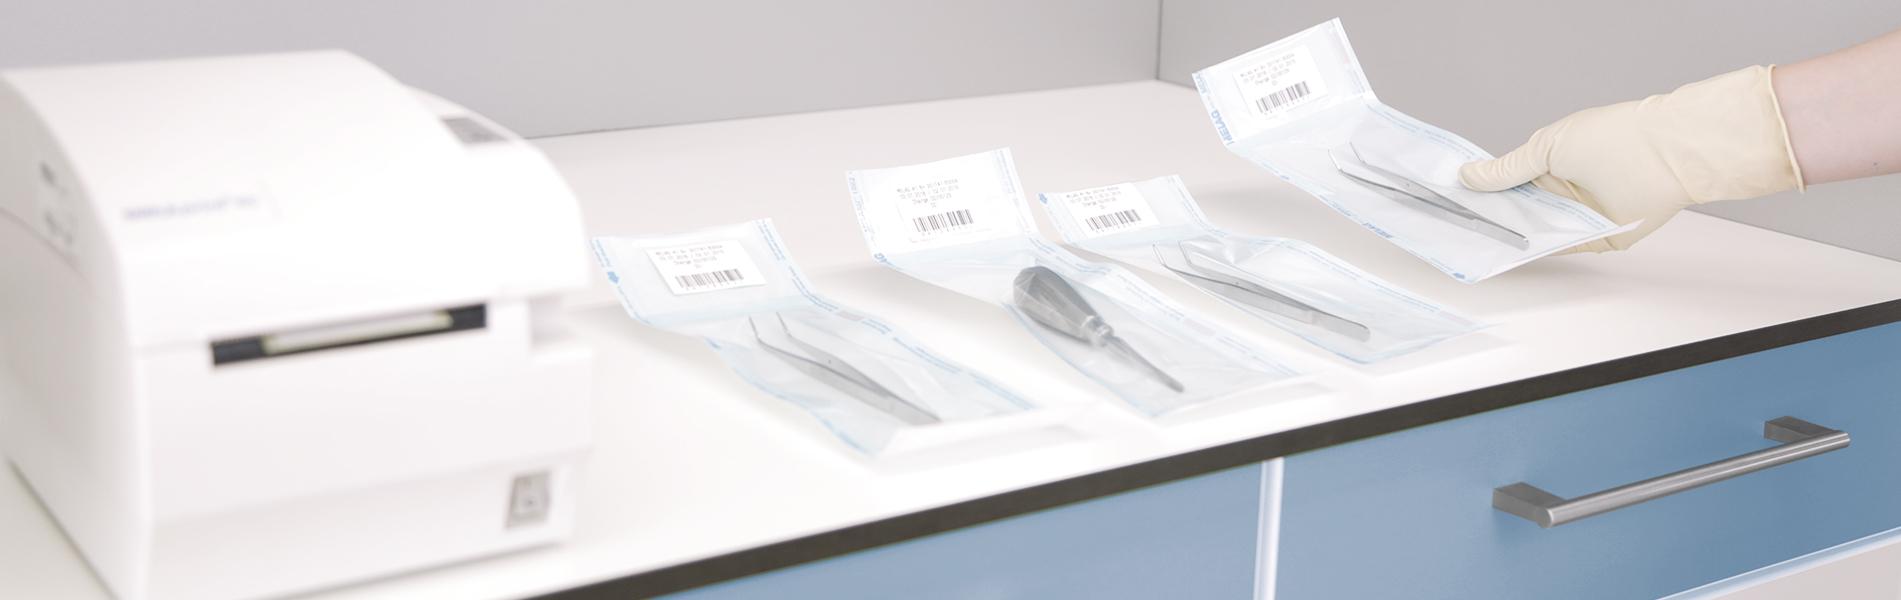 Sacchetti sigillati con strumenti sterili sulla superficie di lavoro nella sala di sterilizzazione